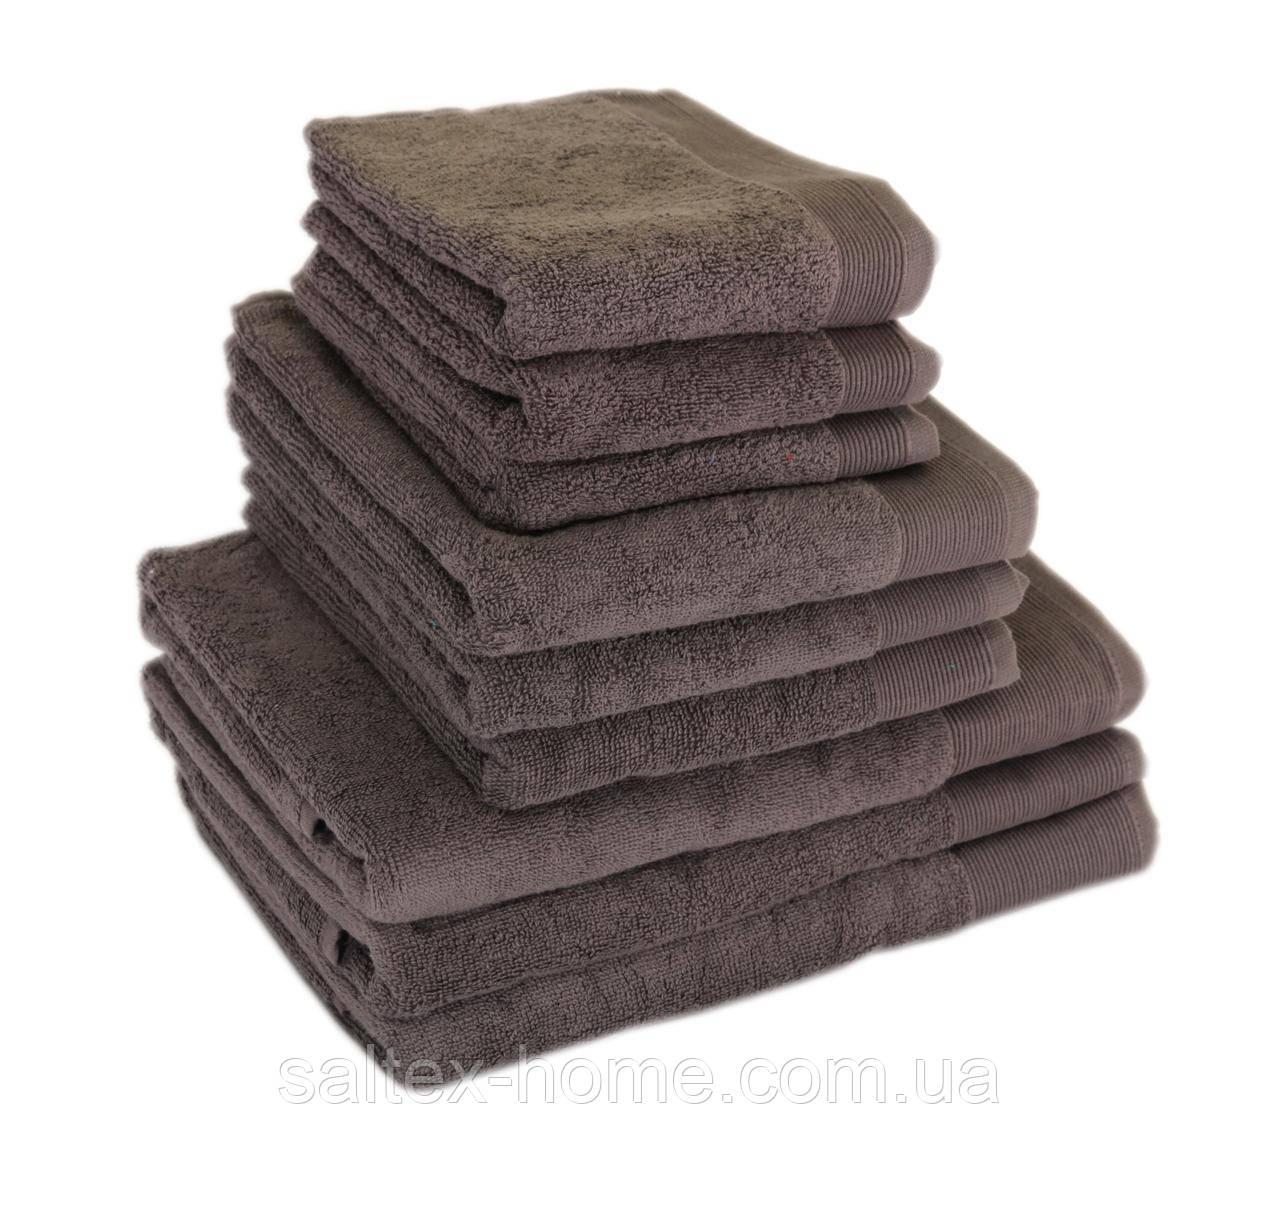 Махровое полотенце для волос 50х90см, Индия, 500 г/м